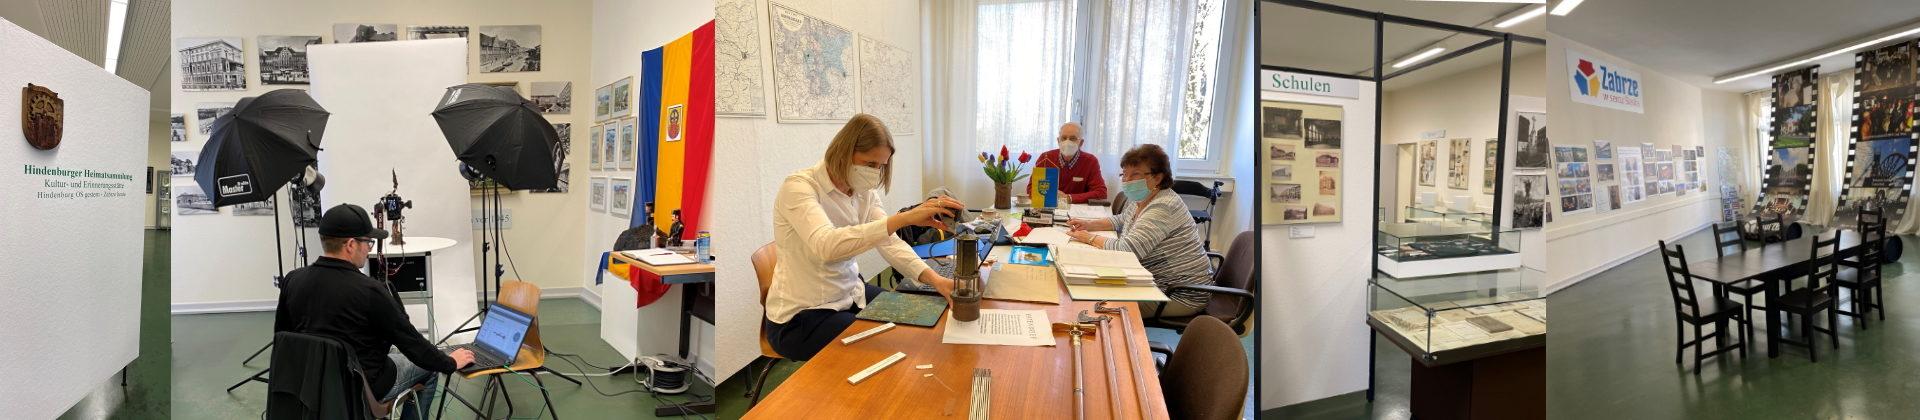 Digitalisierung der Hindenburger Heimatsammlung in Essen - Foto: © Kulturstiftung